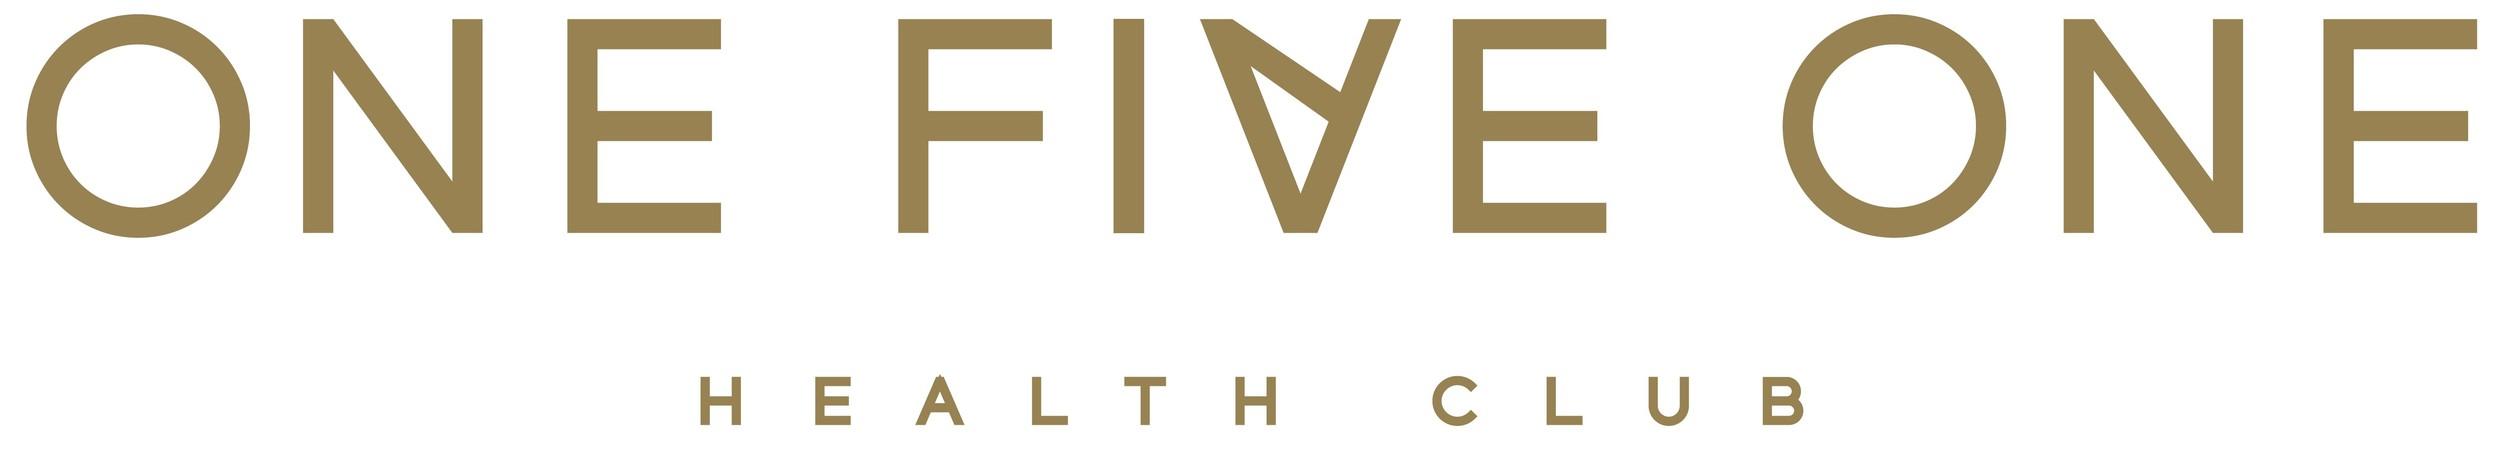 One Five One Health Club